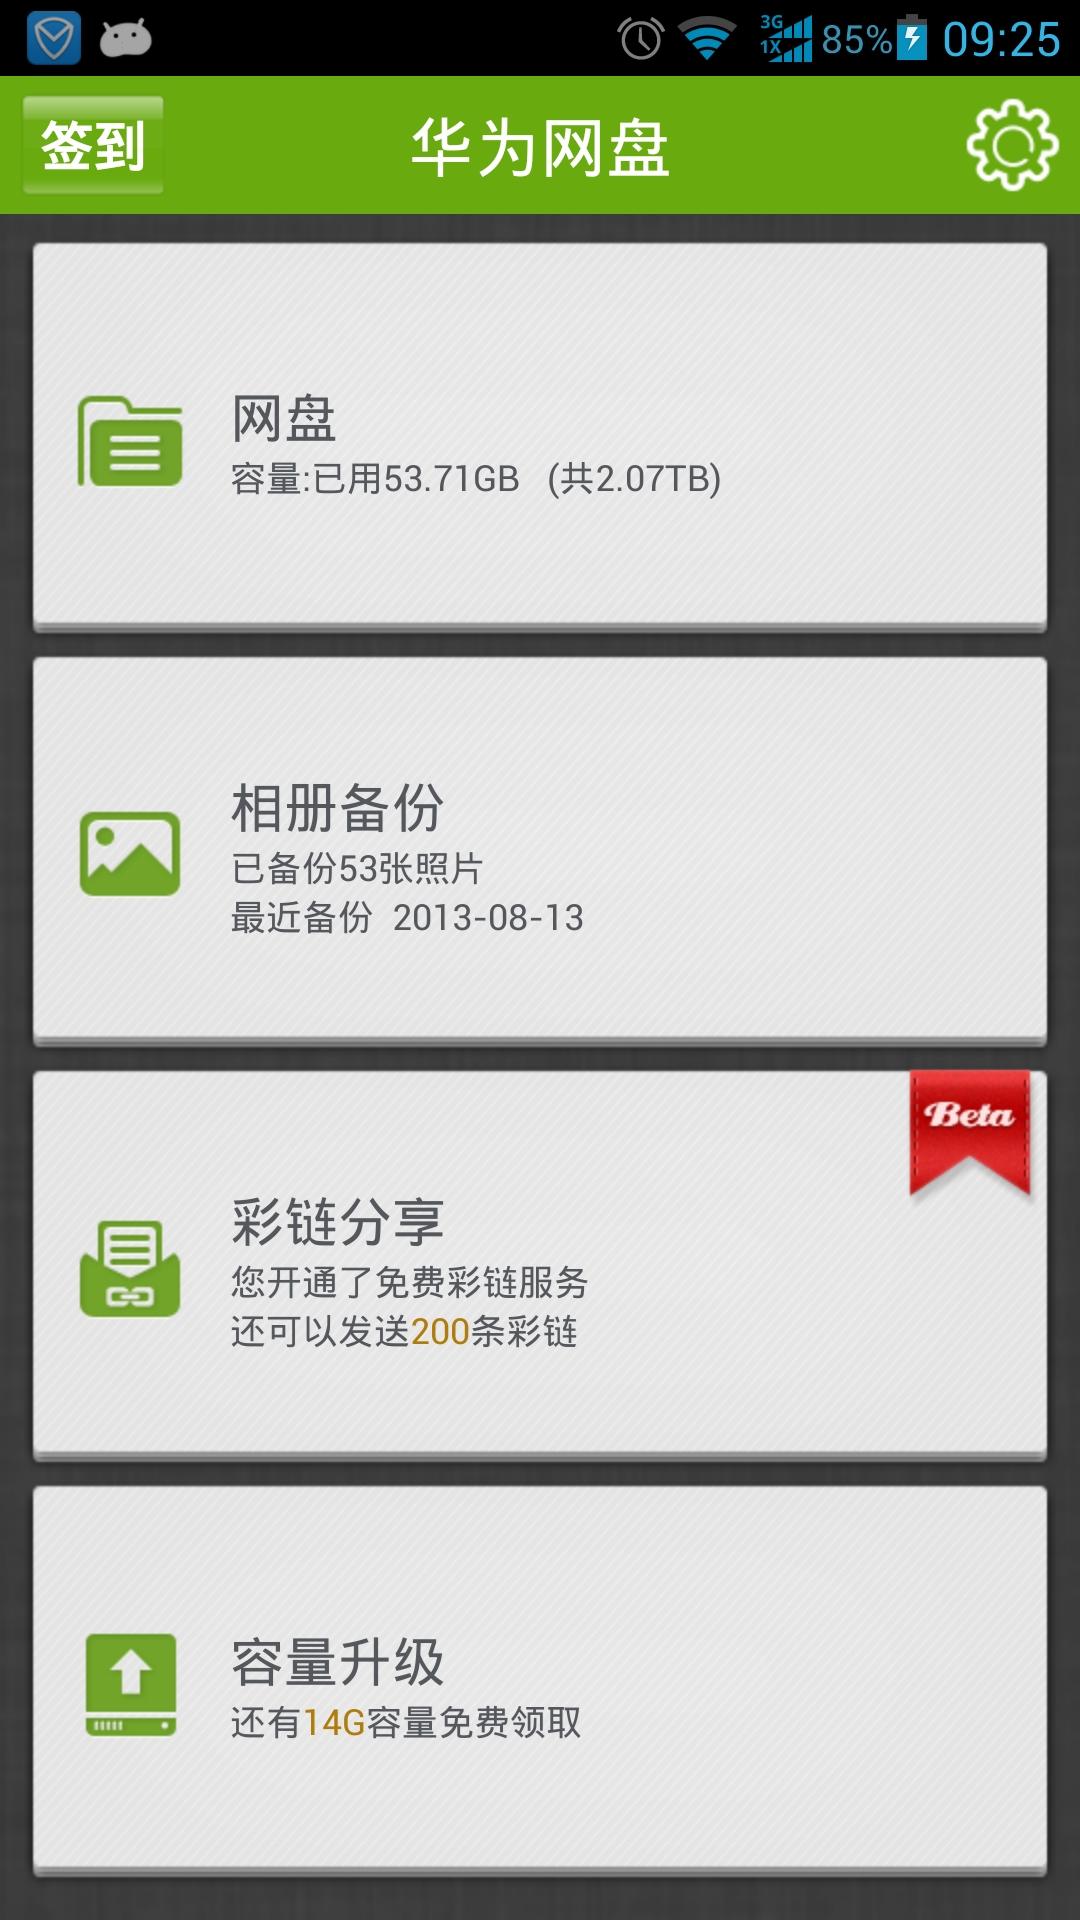 腾讯手机管家截屏2013081302.jpg